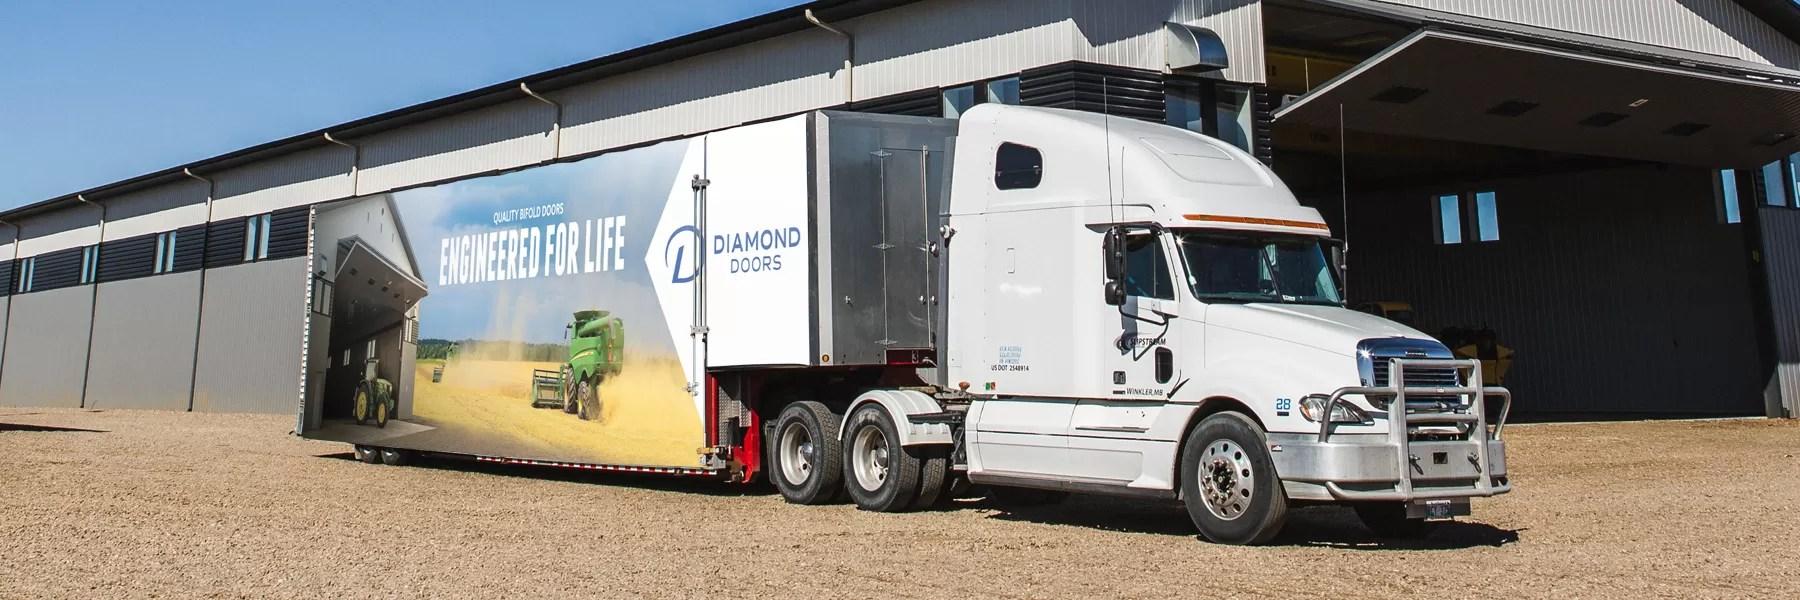 image of diamond doors truck decal